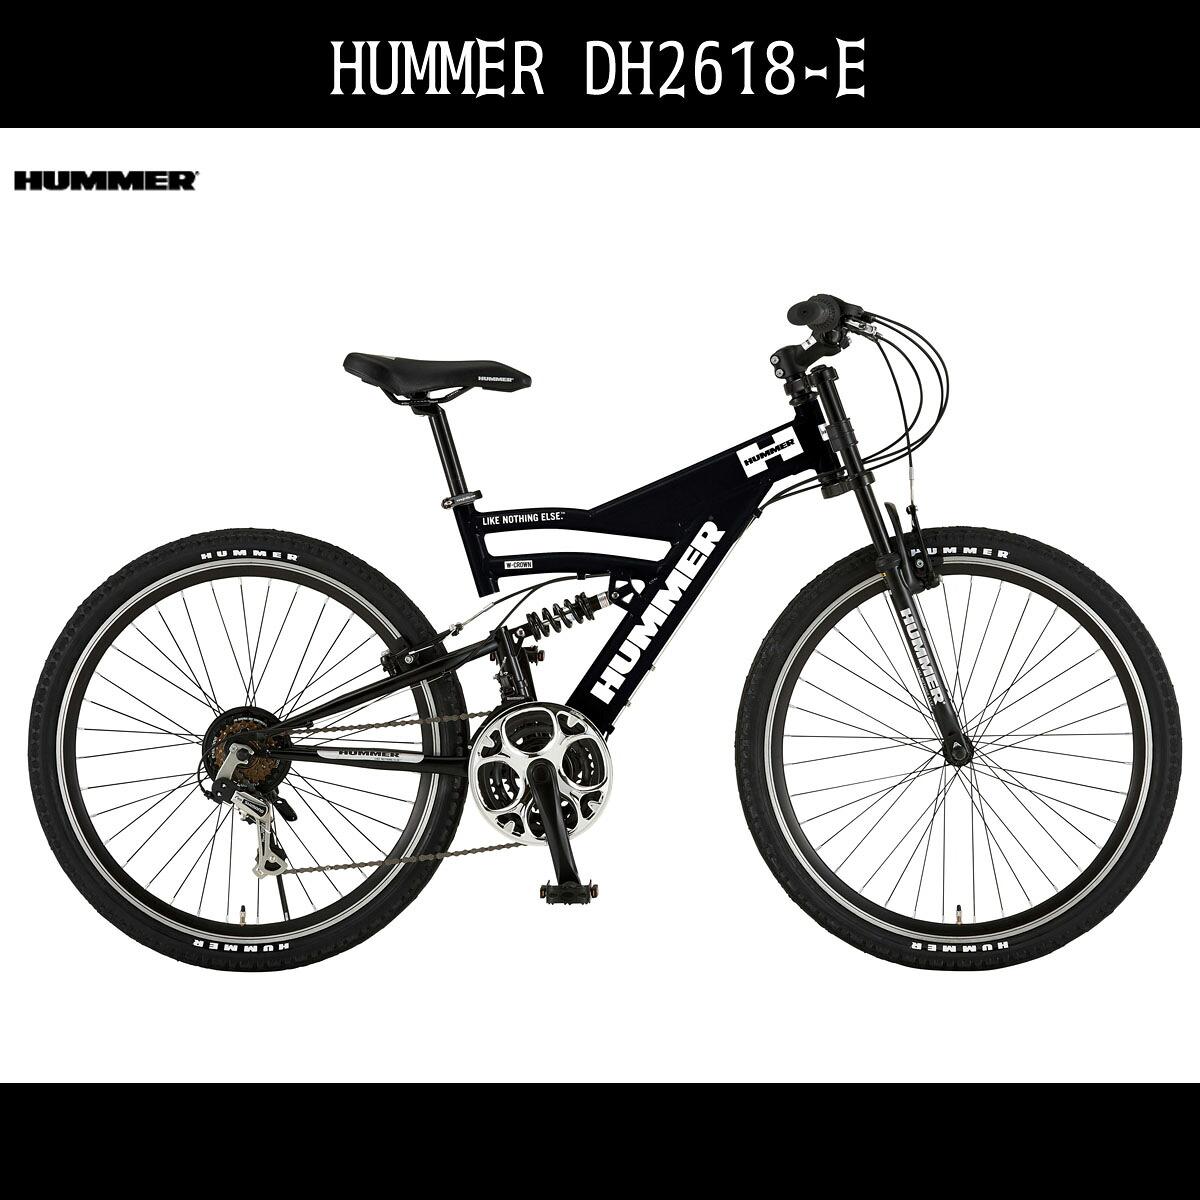 マウンテンバイク ハマー HUMMER 自転車 ブラック 黒26インチ マウンテンバイク 外装18段変速ギア アルミニウム MTB DH2618-E アルミニウム ハマー 自転車 激安 格安